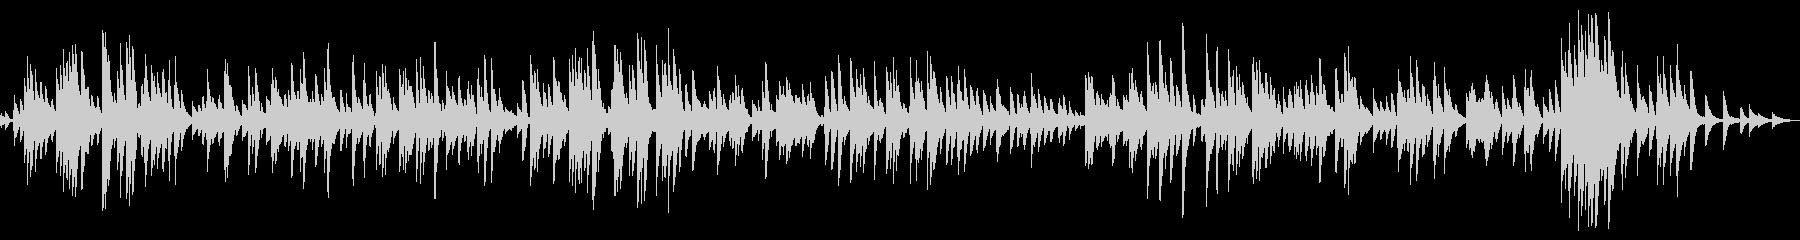 スローテンポで穏やかな癒し系のピアノ曲の未再生の波形